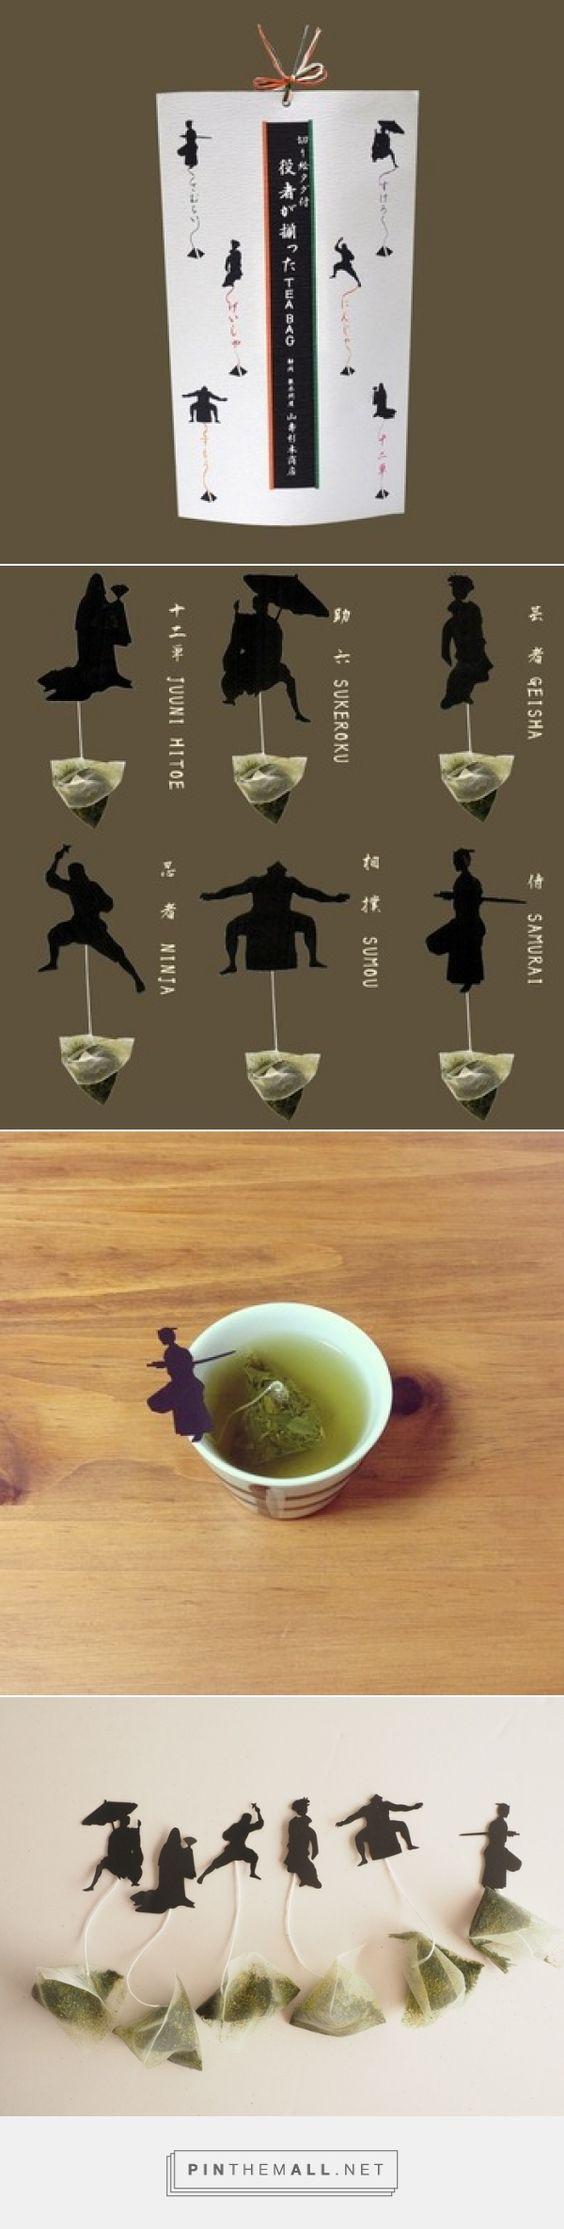 味も見た目も抜群♪ ギフトにもピッタリな【山壽杉本商店】の素敵な日本茶 | キナリノ. Curated by Packaging Diva PD. Cute Asian inspired tea bags.